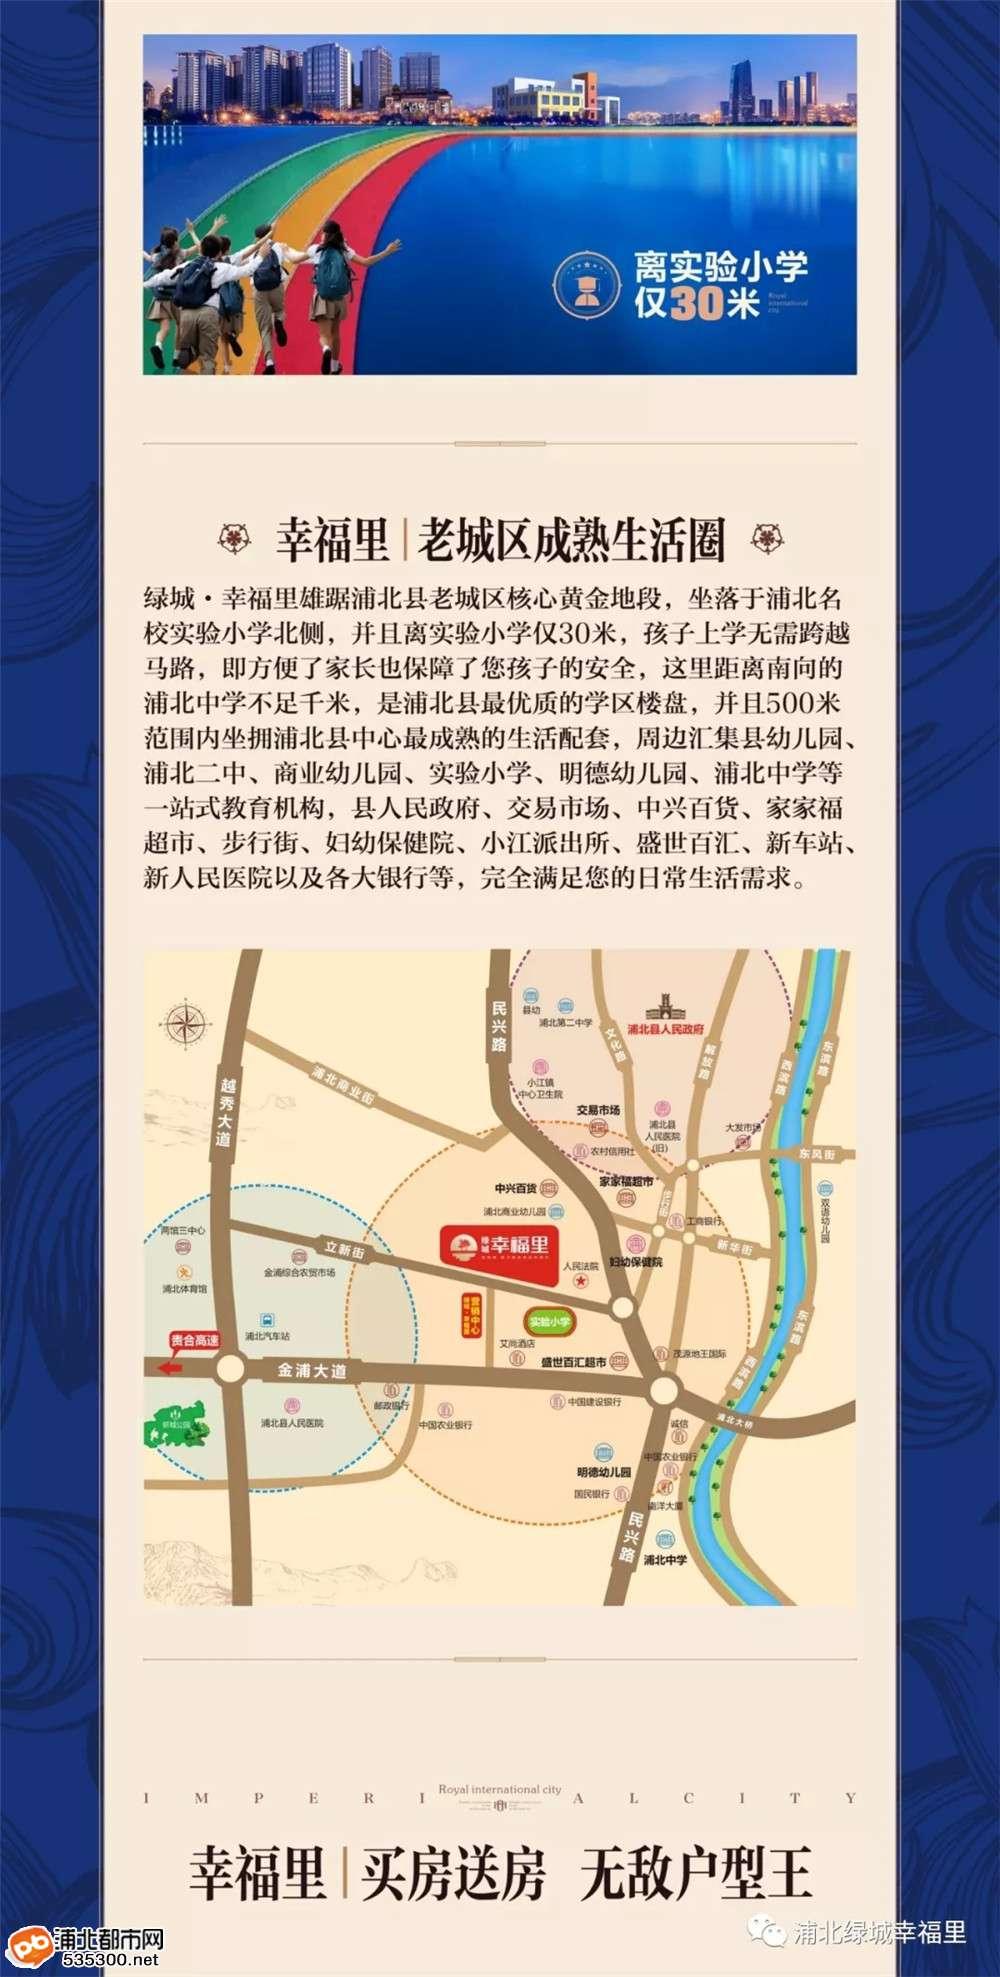 【庄心妍来浦北了!】绿城・幸福里,9月30日盛邀庄心妍,致敬寿乡人民!